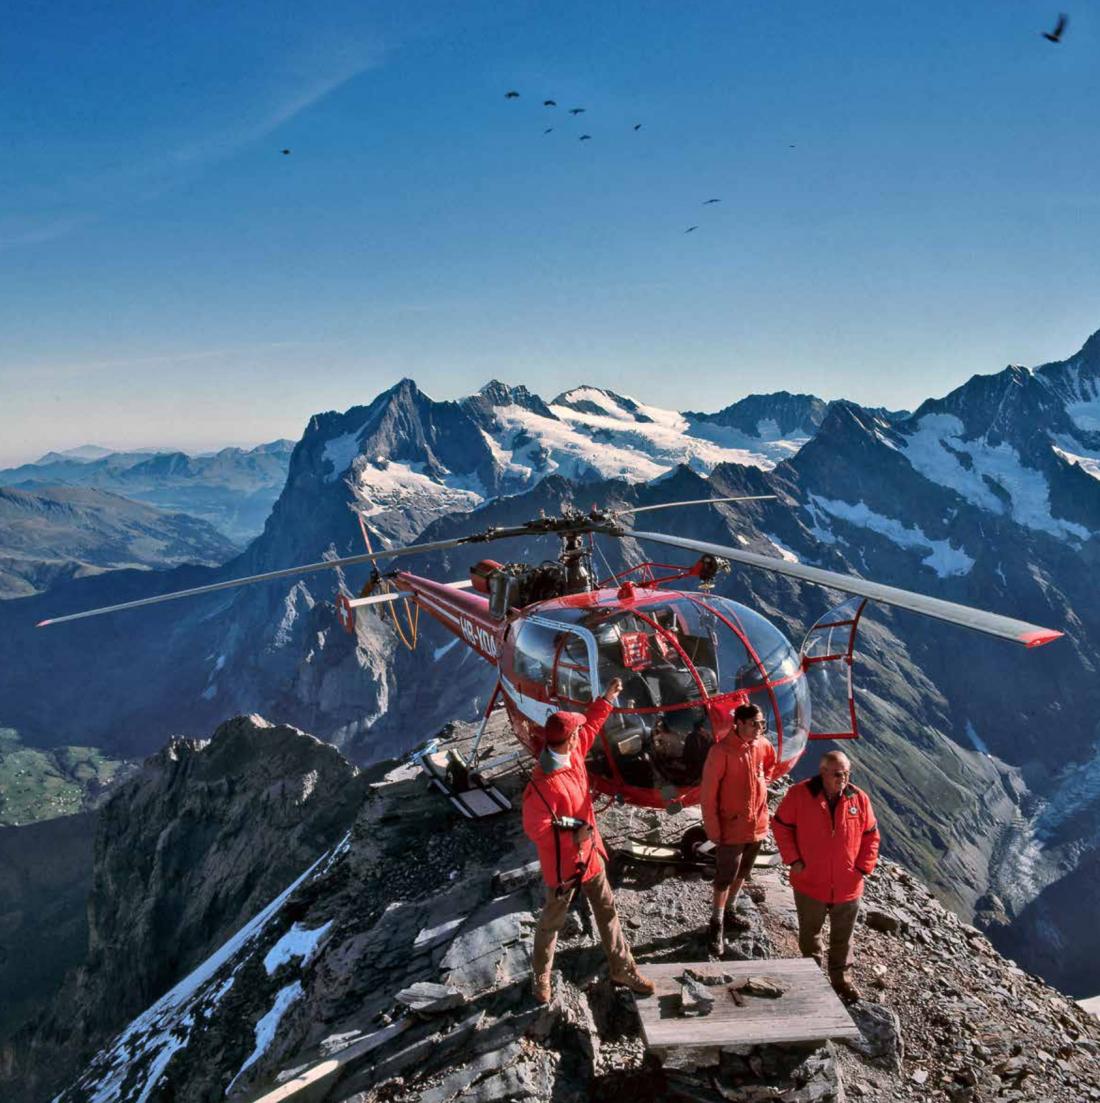 Präzise Landung mit dem Helikopter auf einem noch so kleinen Felsvorsprung.